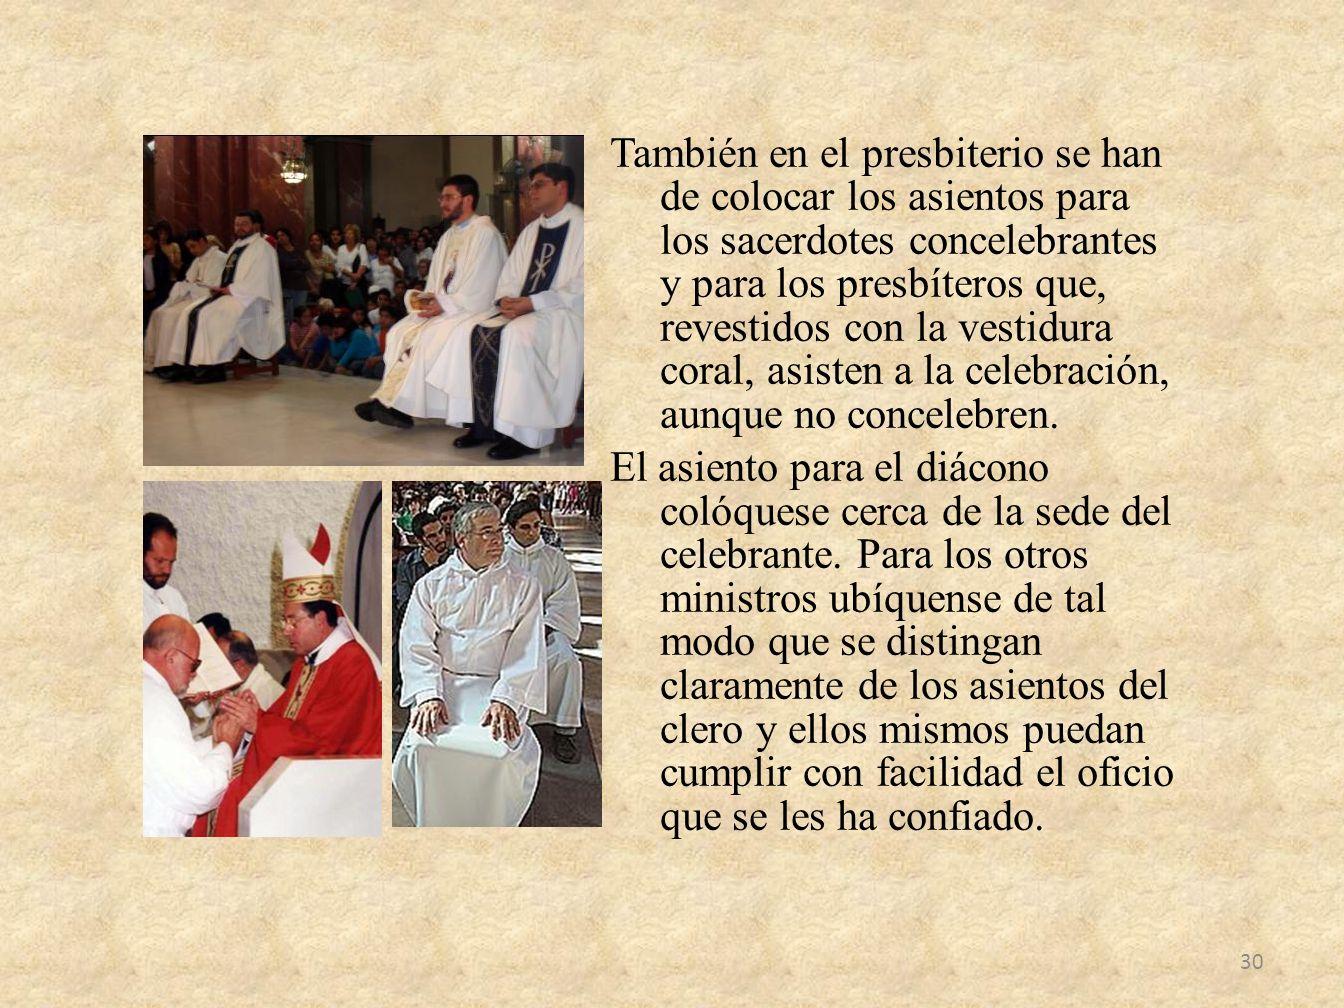 También en el presbiterio se han de colocar los asientos para los sacerdotes concelebrantes y para los presbíteros que, revestidos con la vestidura co